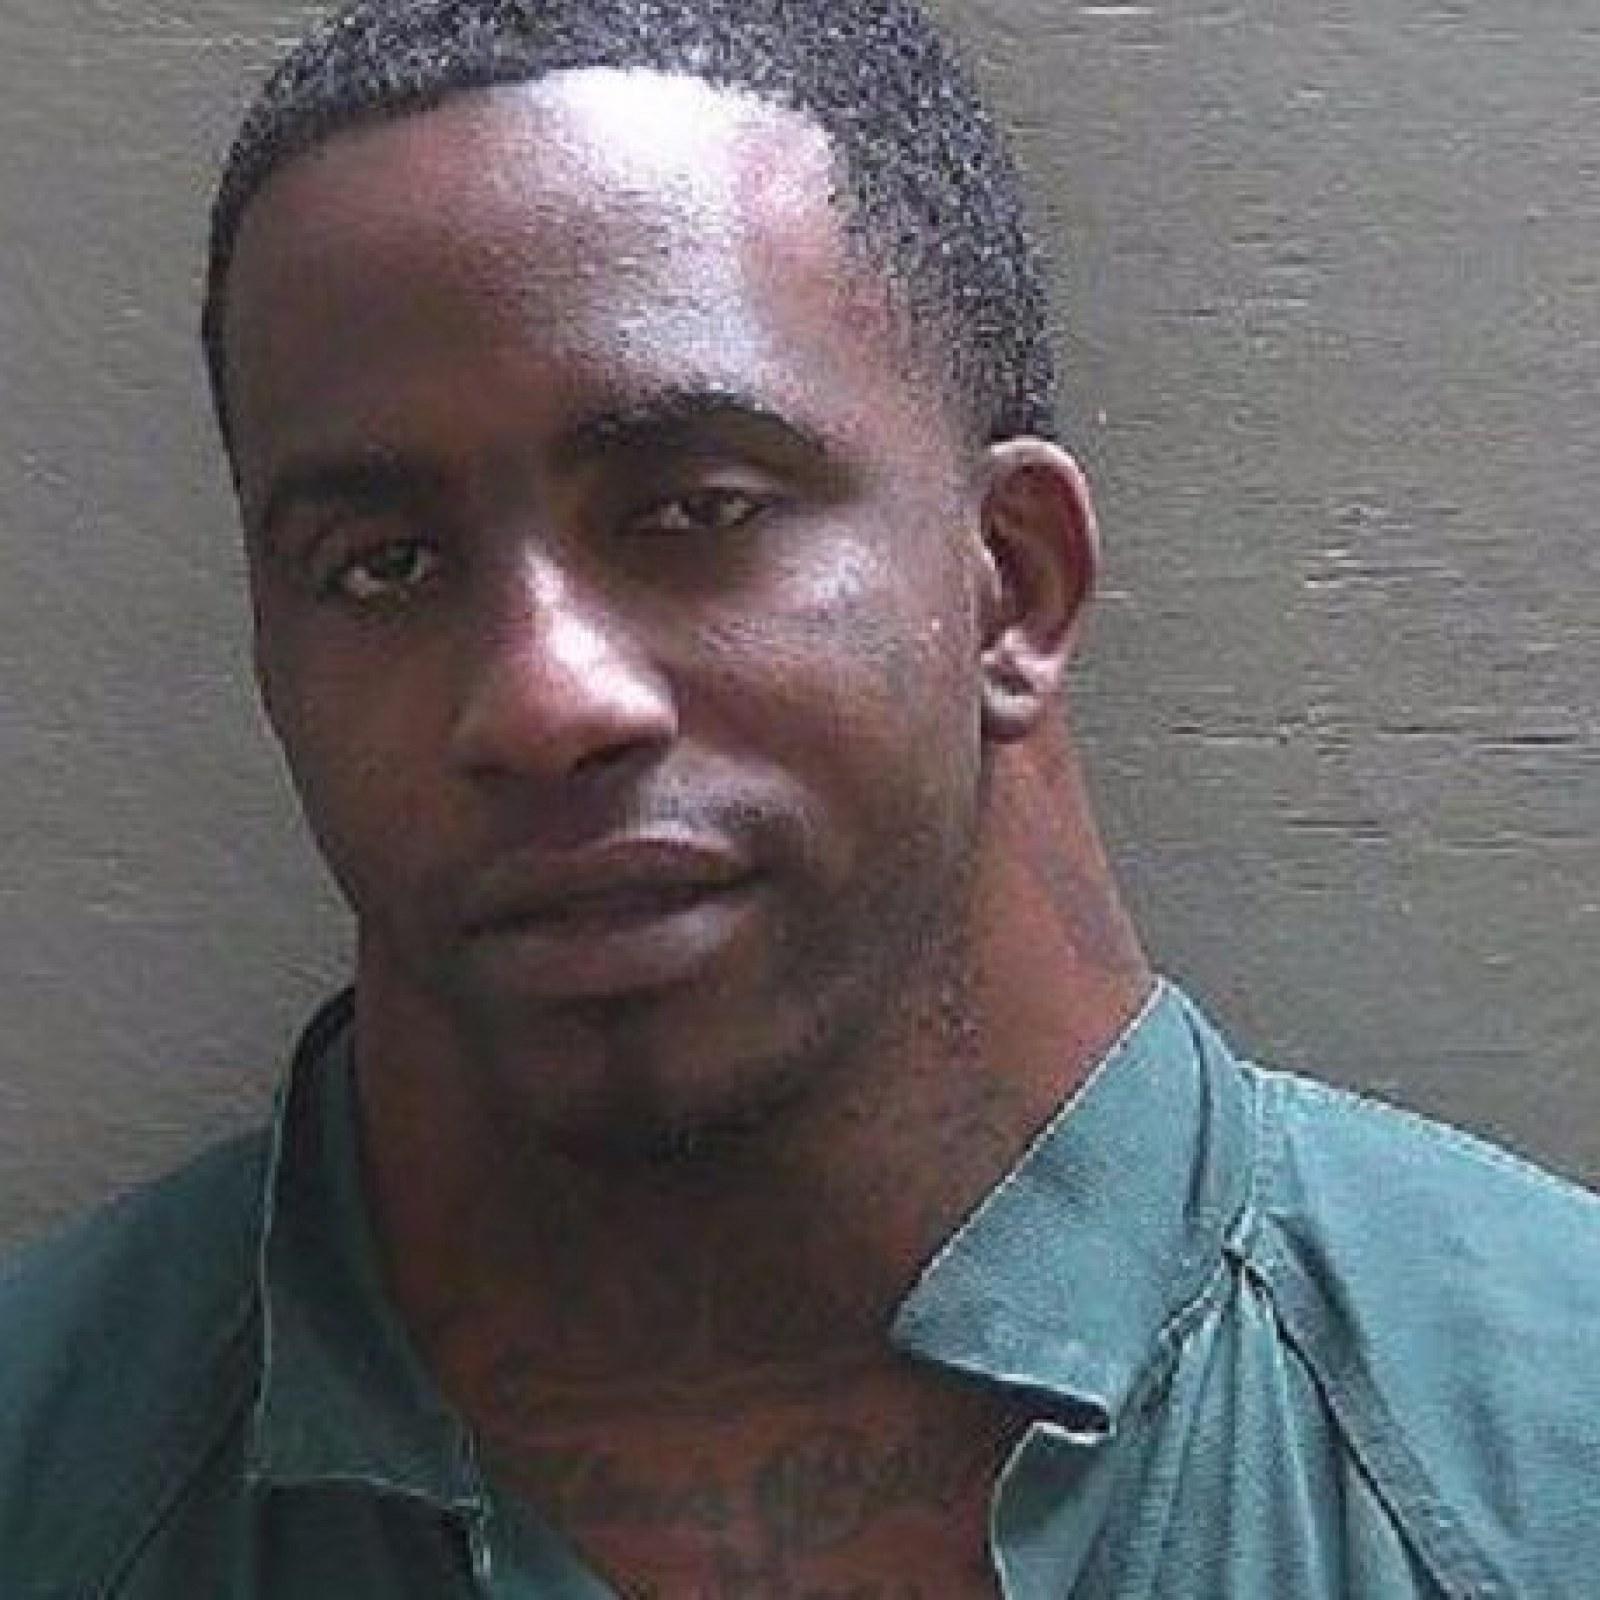 Florida Man With Viral 'Wide Neck' Mugshot Back in Jail